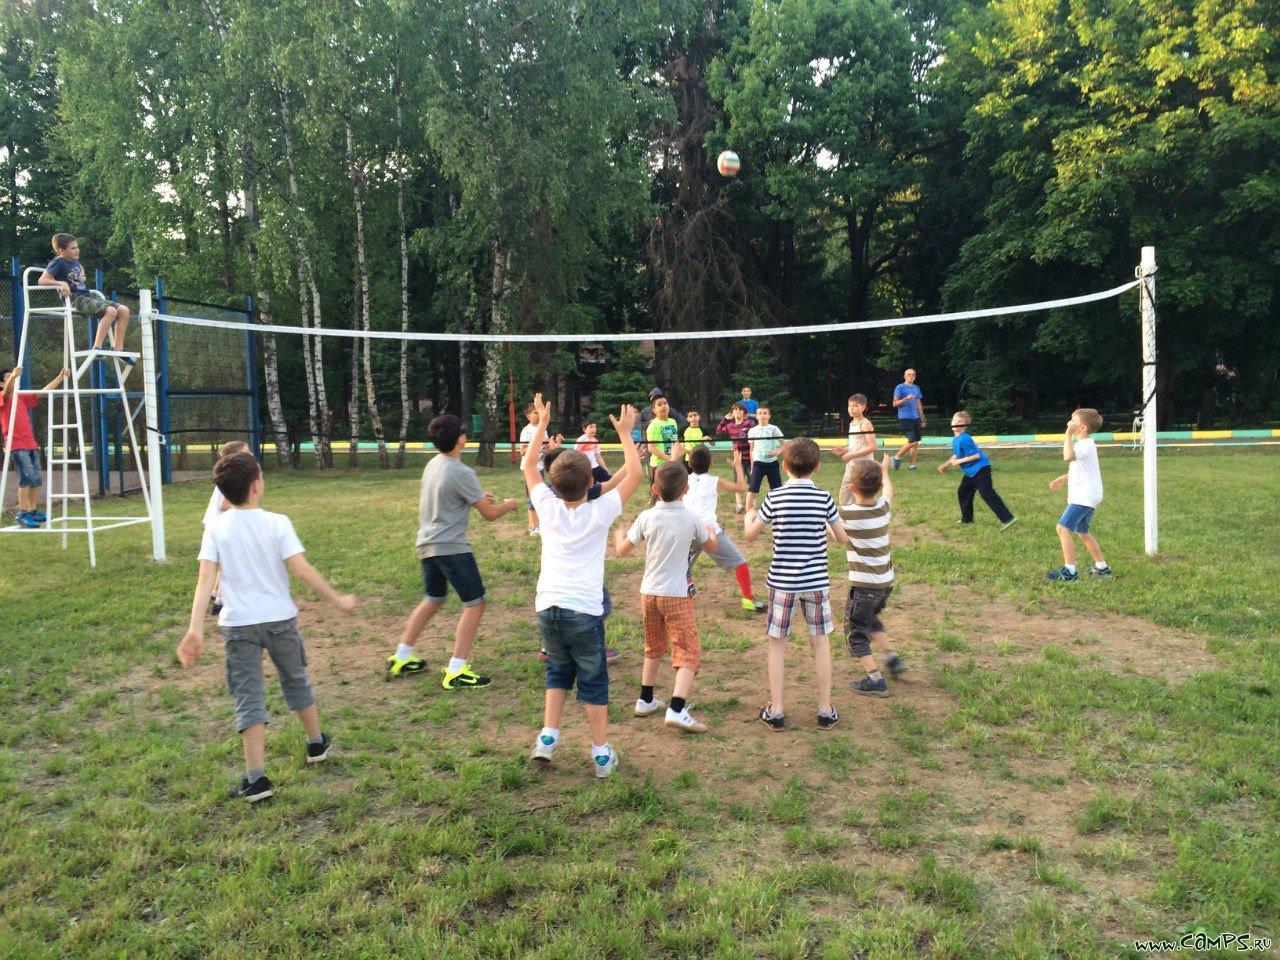 Спортивный лагерь для детей фото